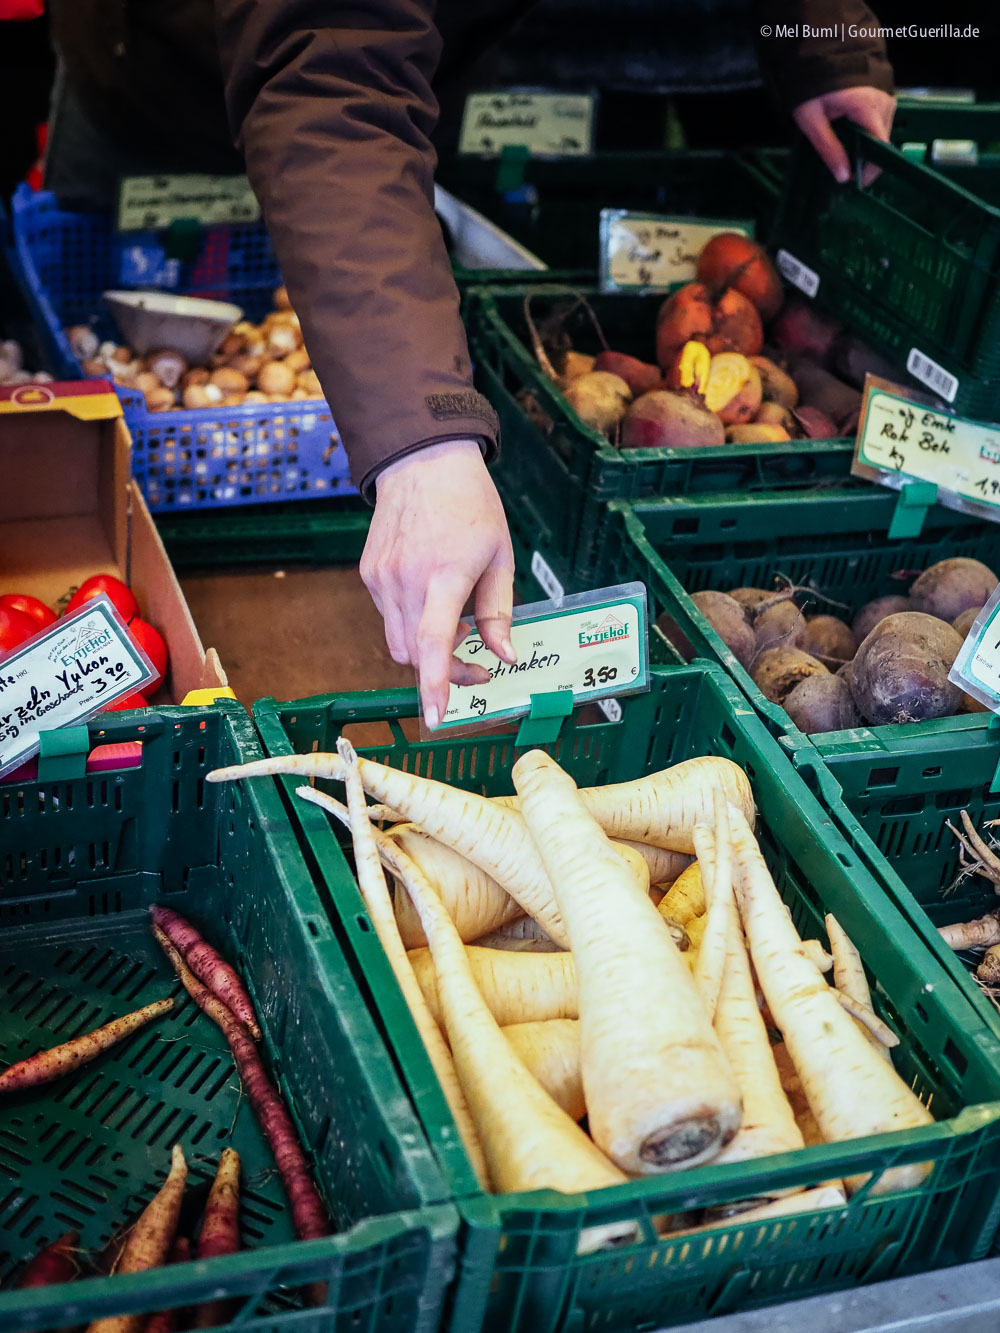 Bauernmarkt Oldenburg Eytjehof Digital durchstarten |GourmetGuerilla.de